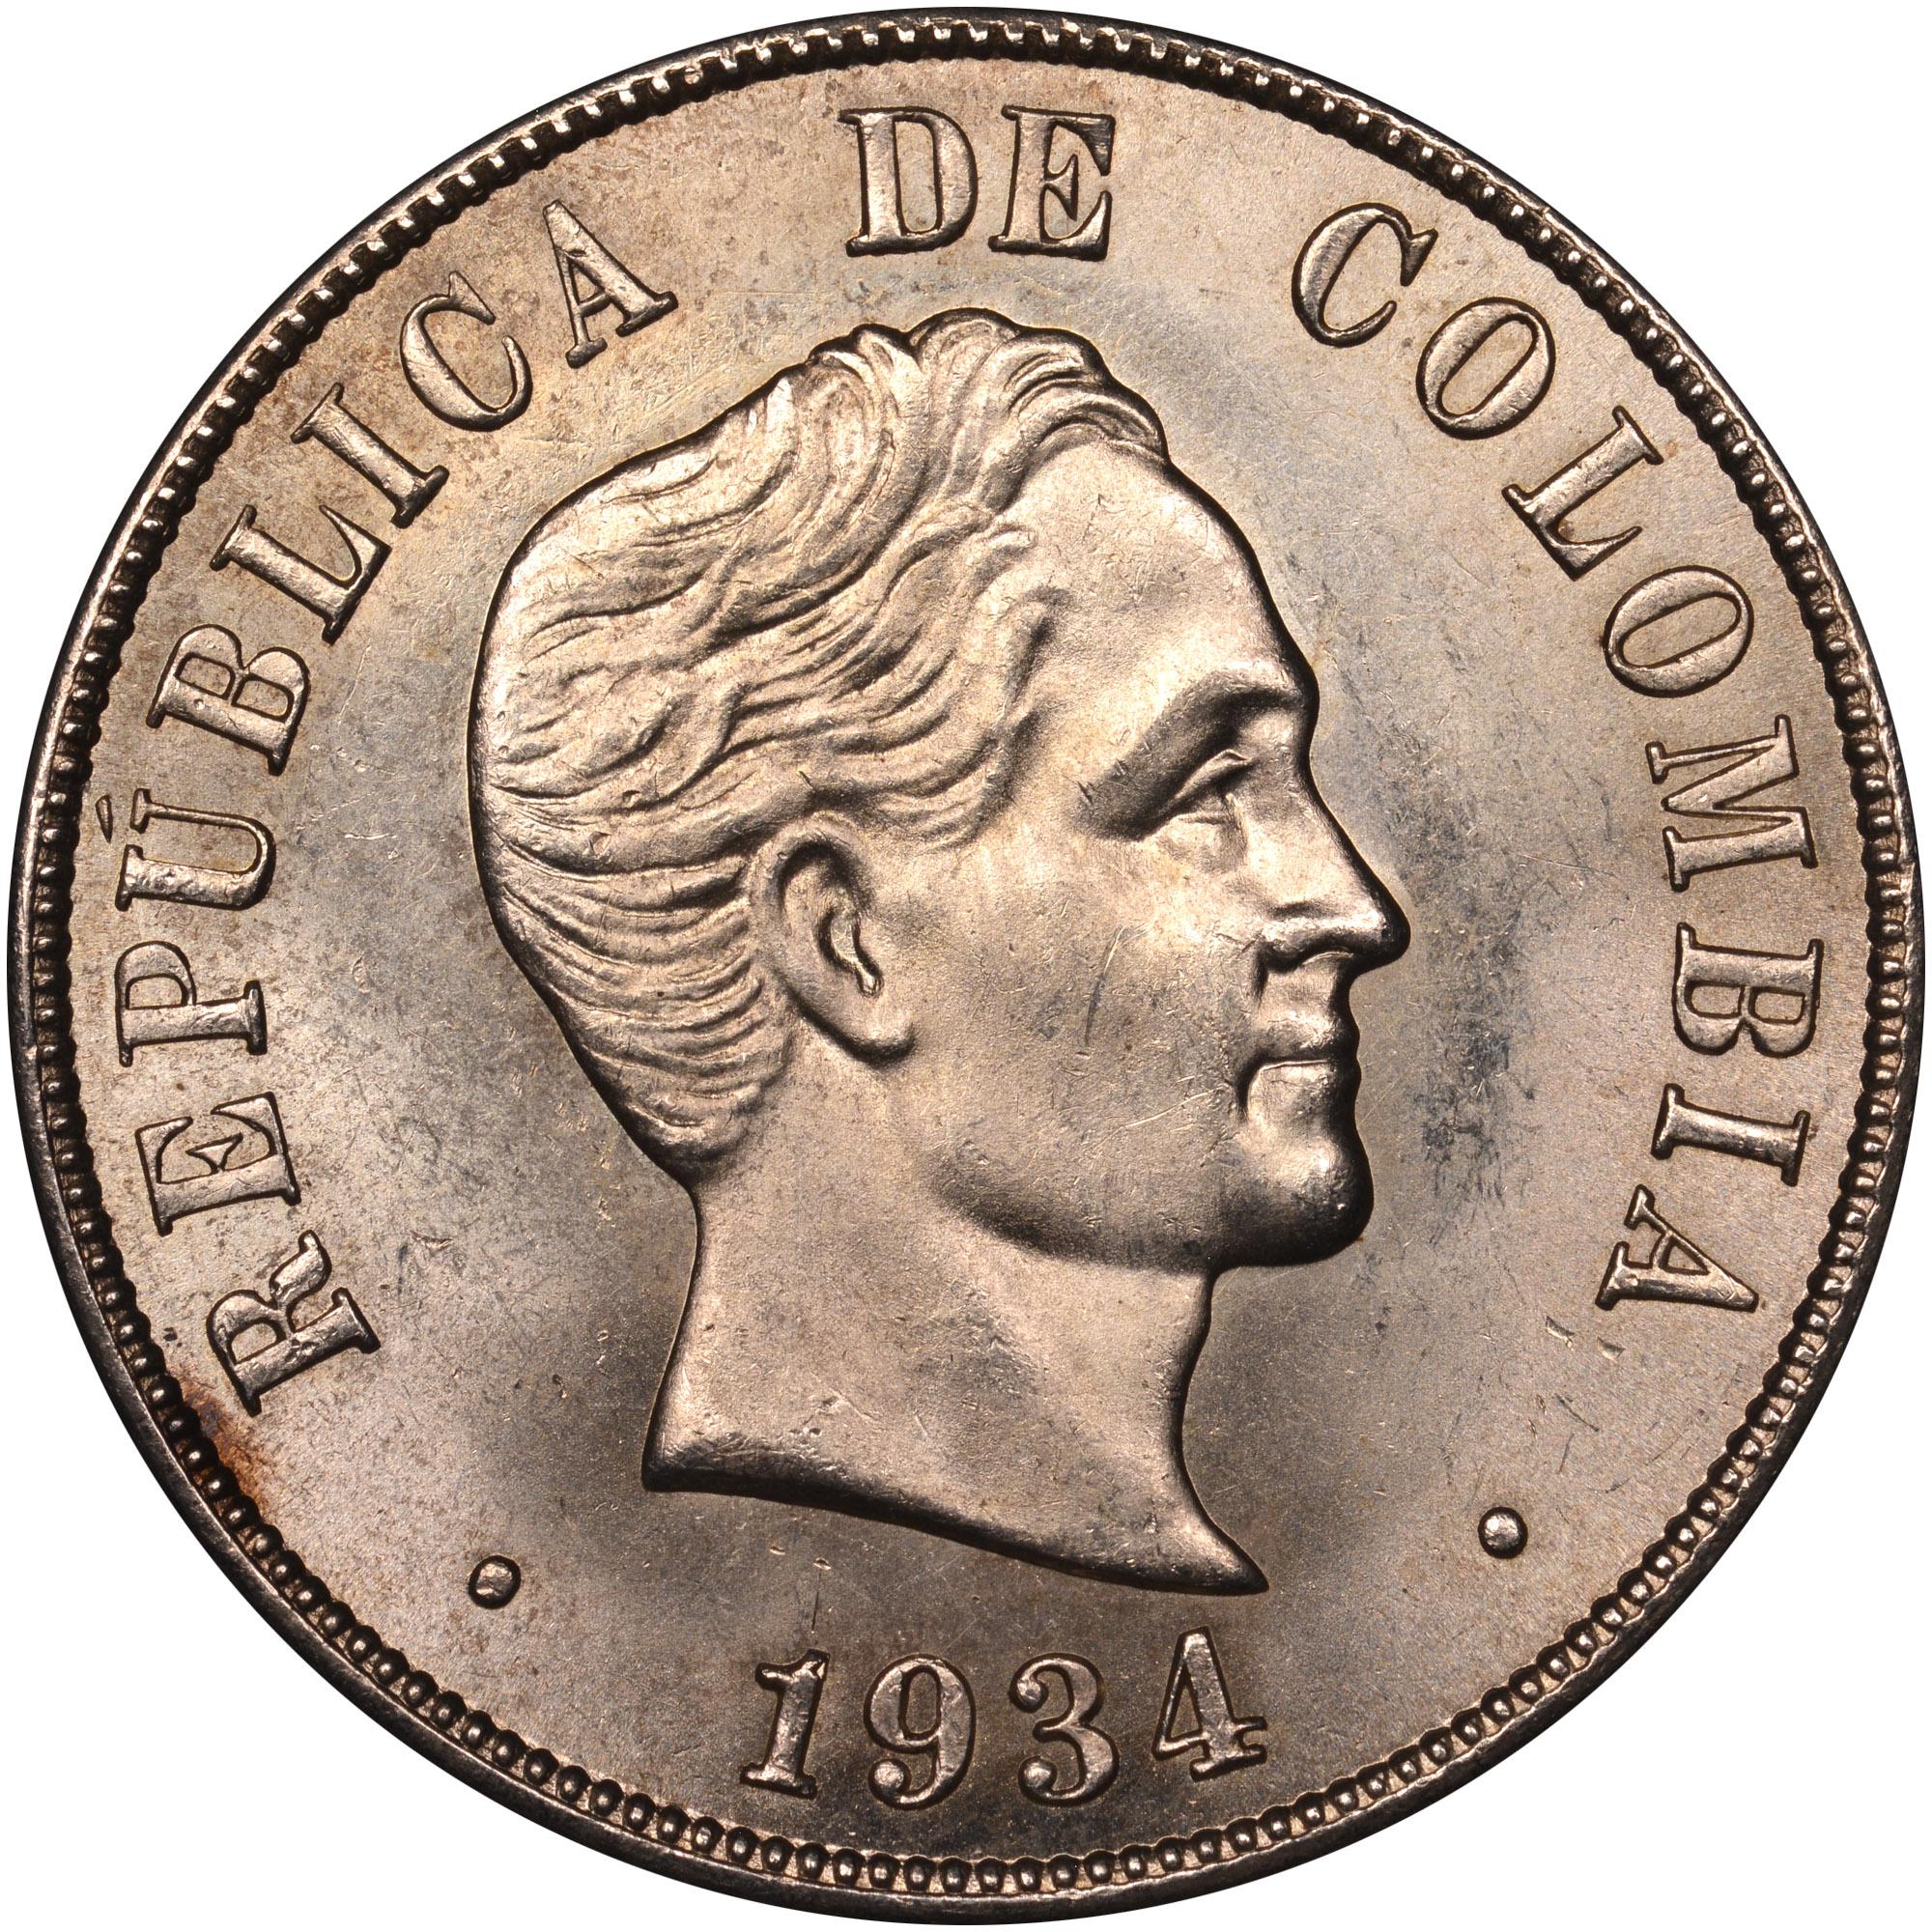 1916-1934 Colombia 50 Centavos obverse